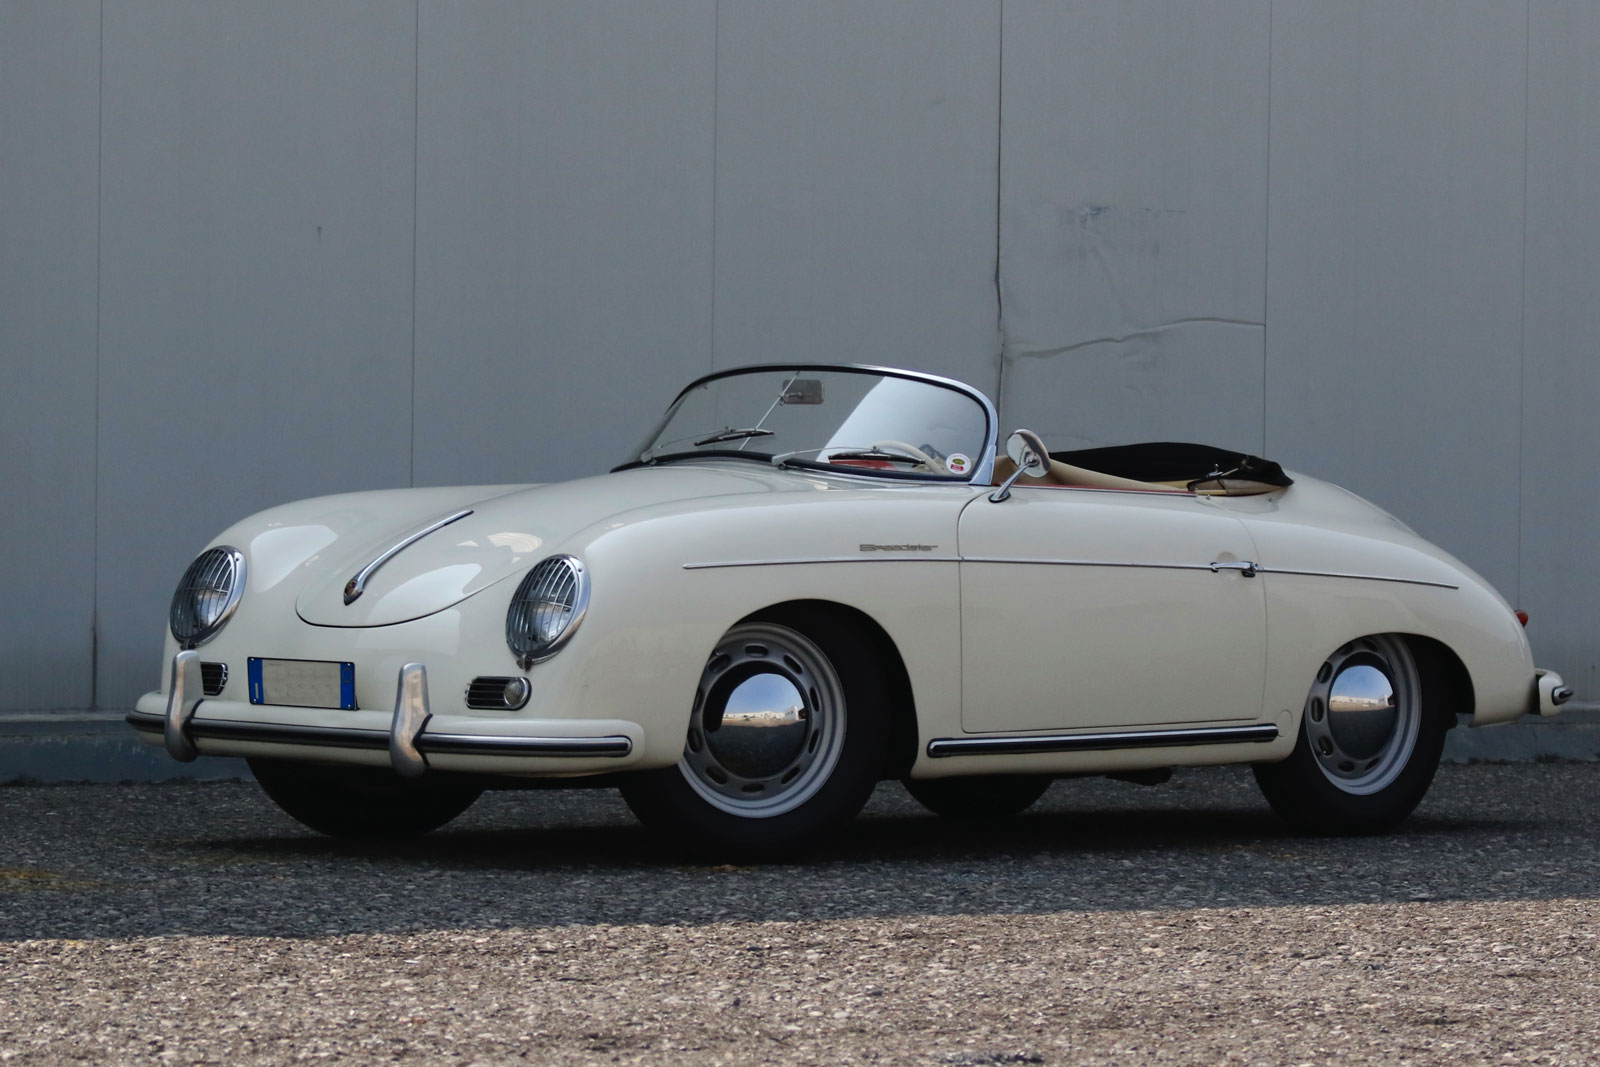 Porsche 1500 Super Speedster (Reutter)